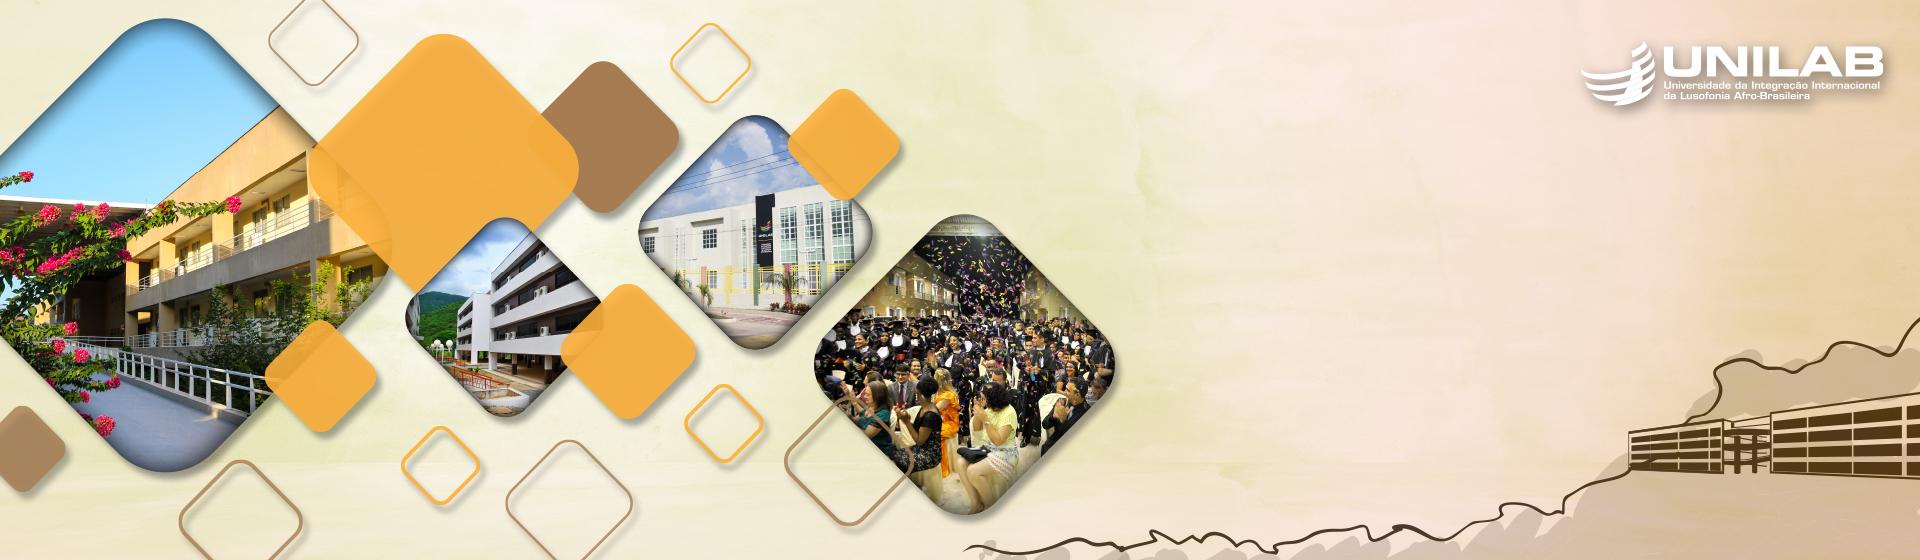 Imagem referente a postagem de título Unilab completa dez anos de atividades letivas neste Dia...